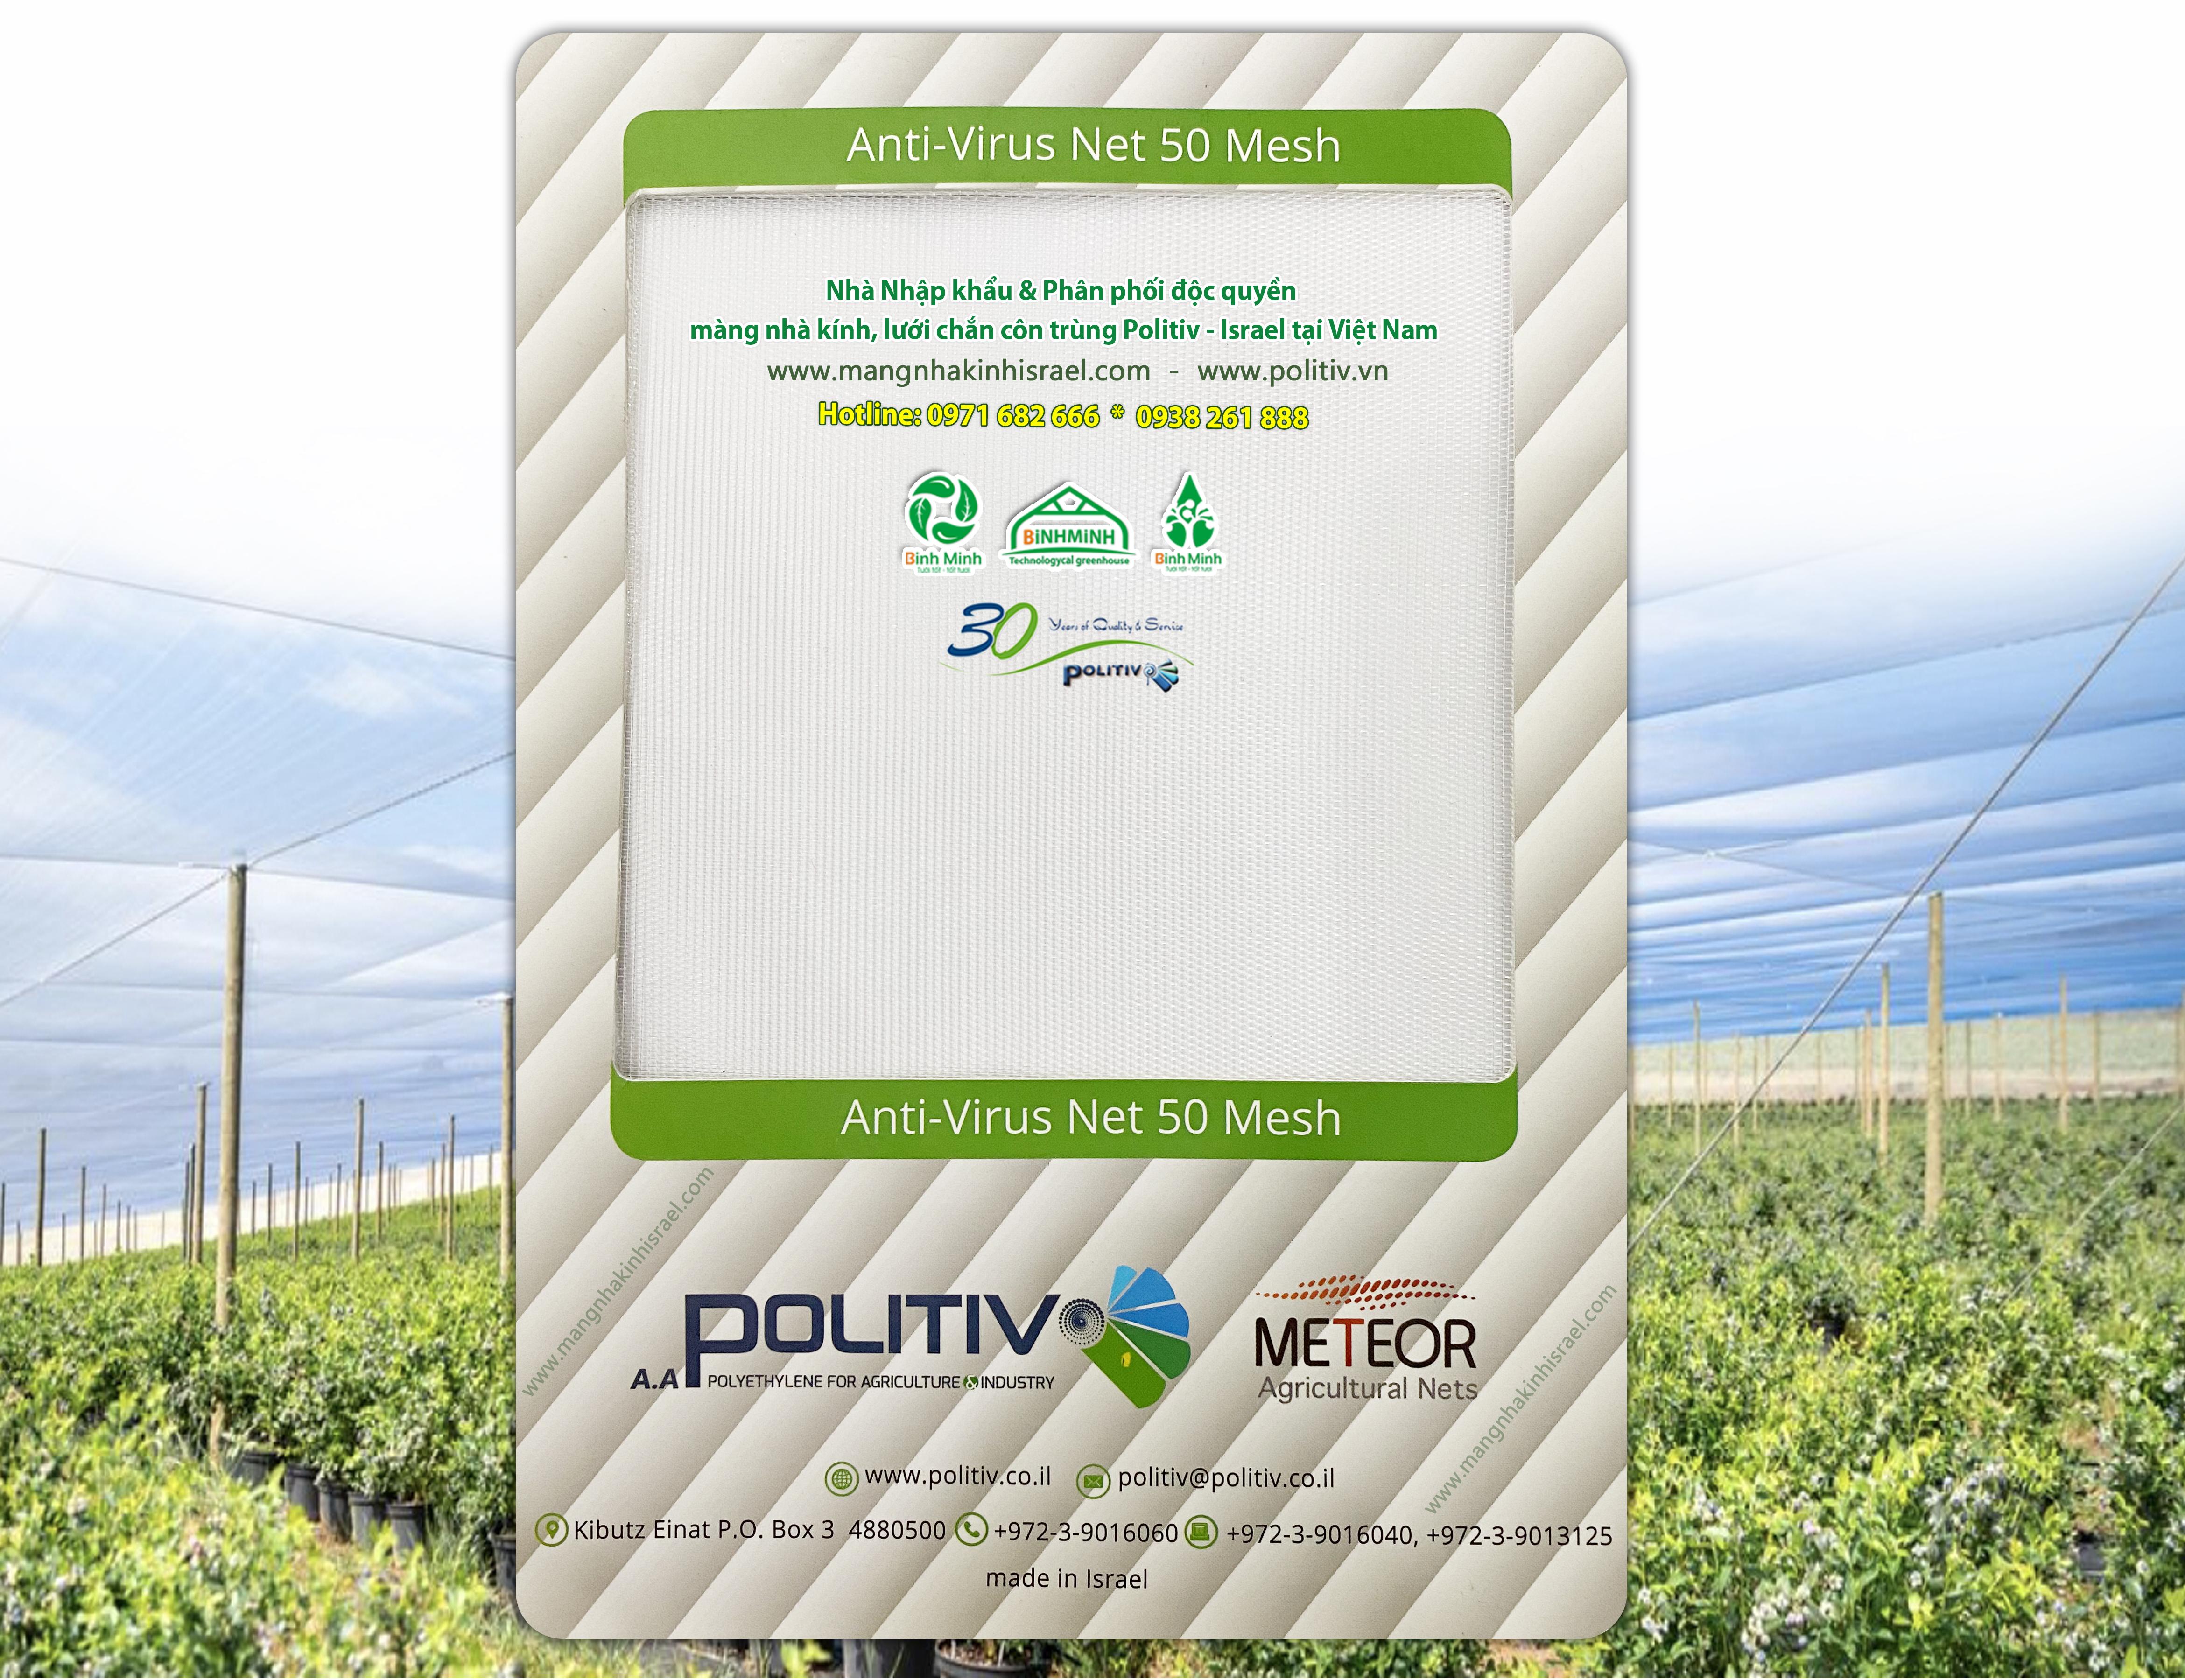 Lưới chắn côn trùng Politiv Israel 2.15m x 50m (Anti – Virus Net)